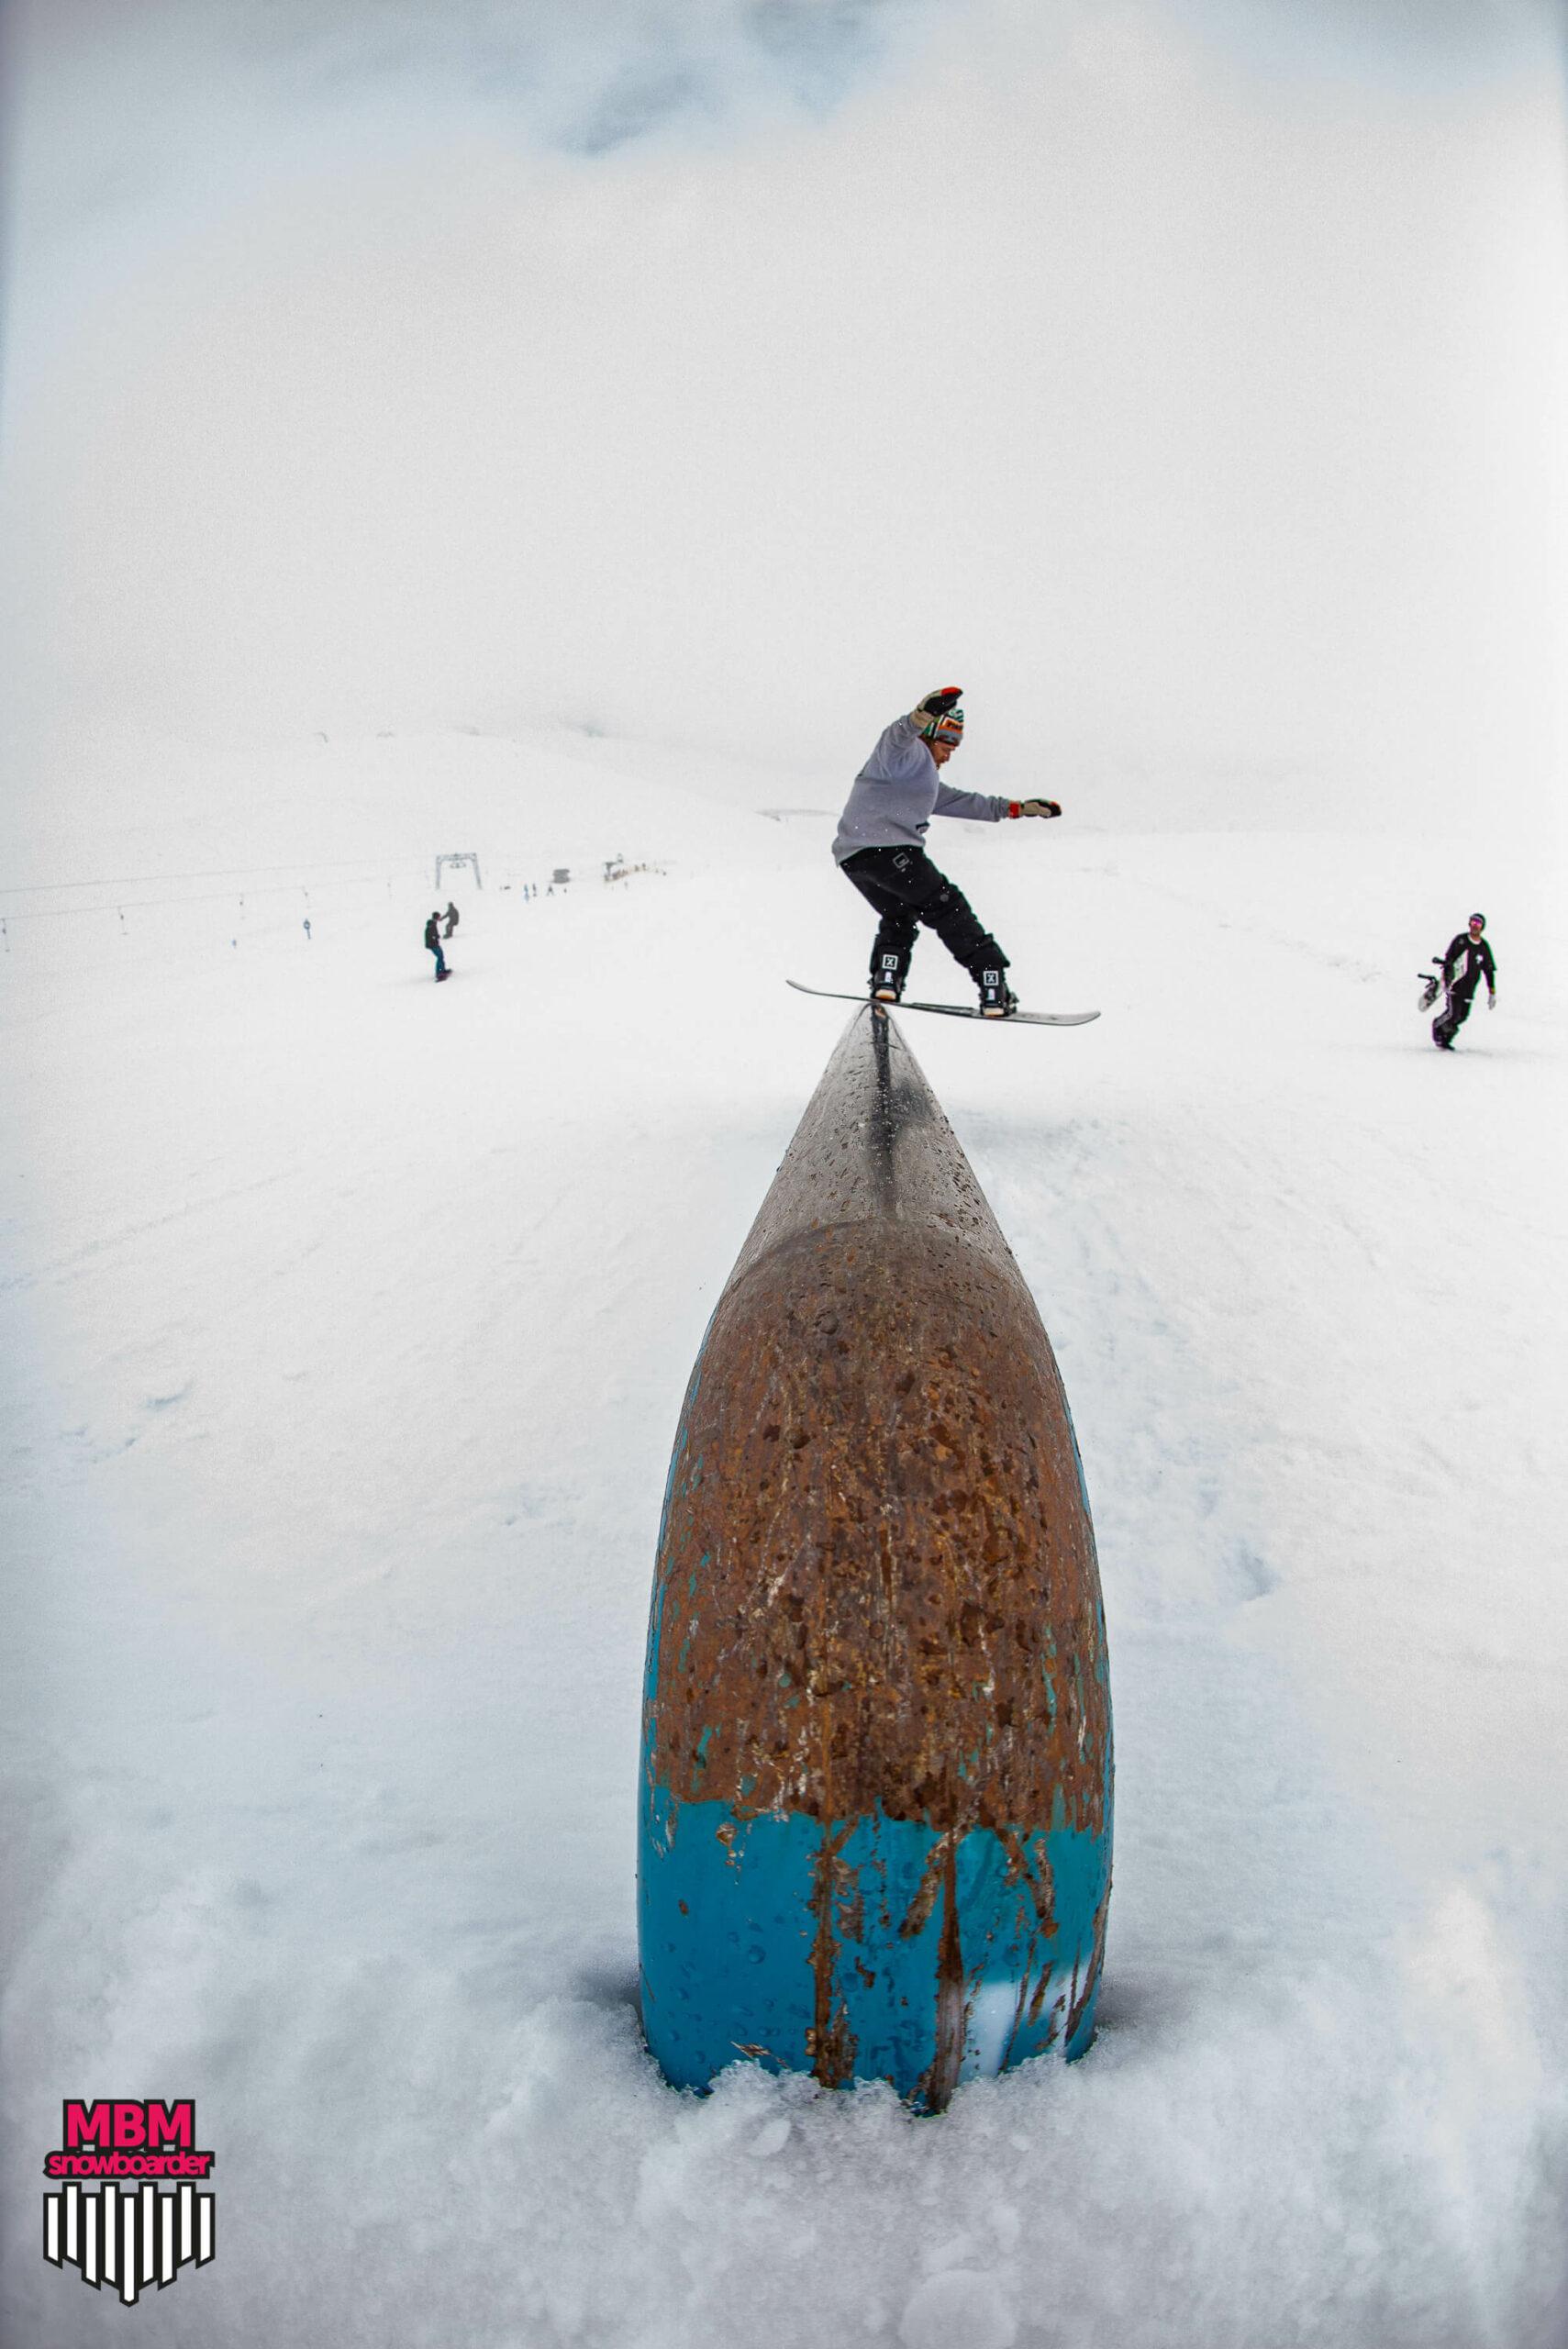 snowboarderMBM_sd_kaunertal_103